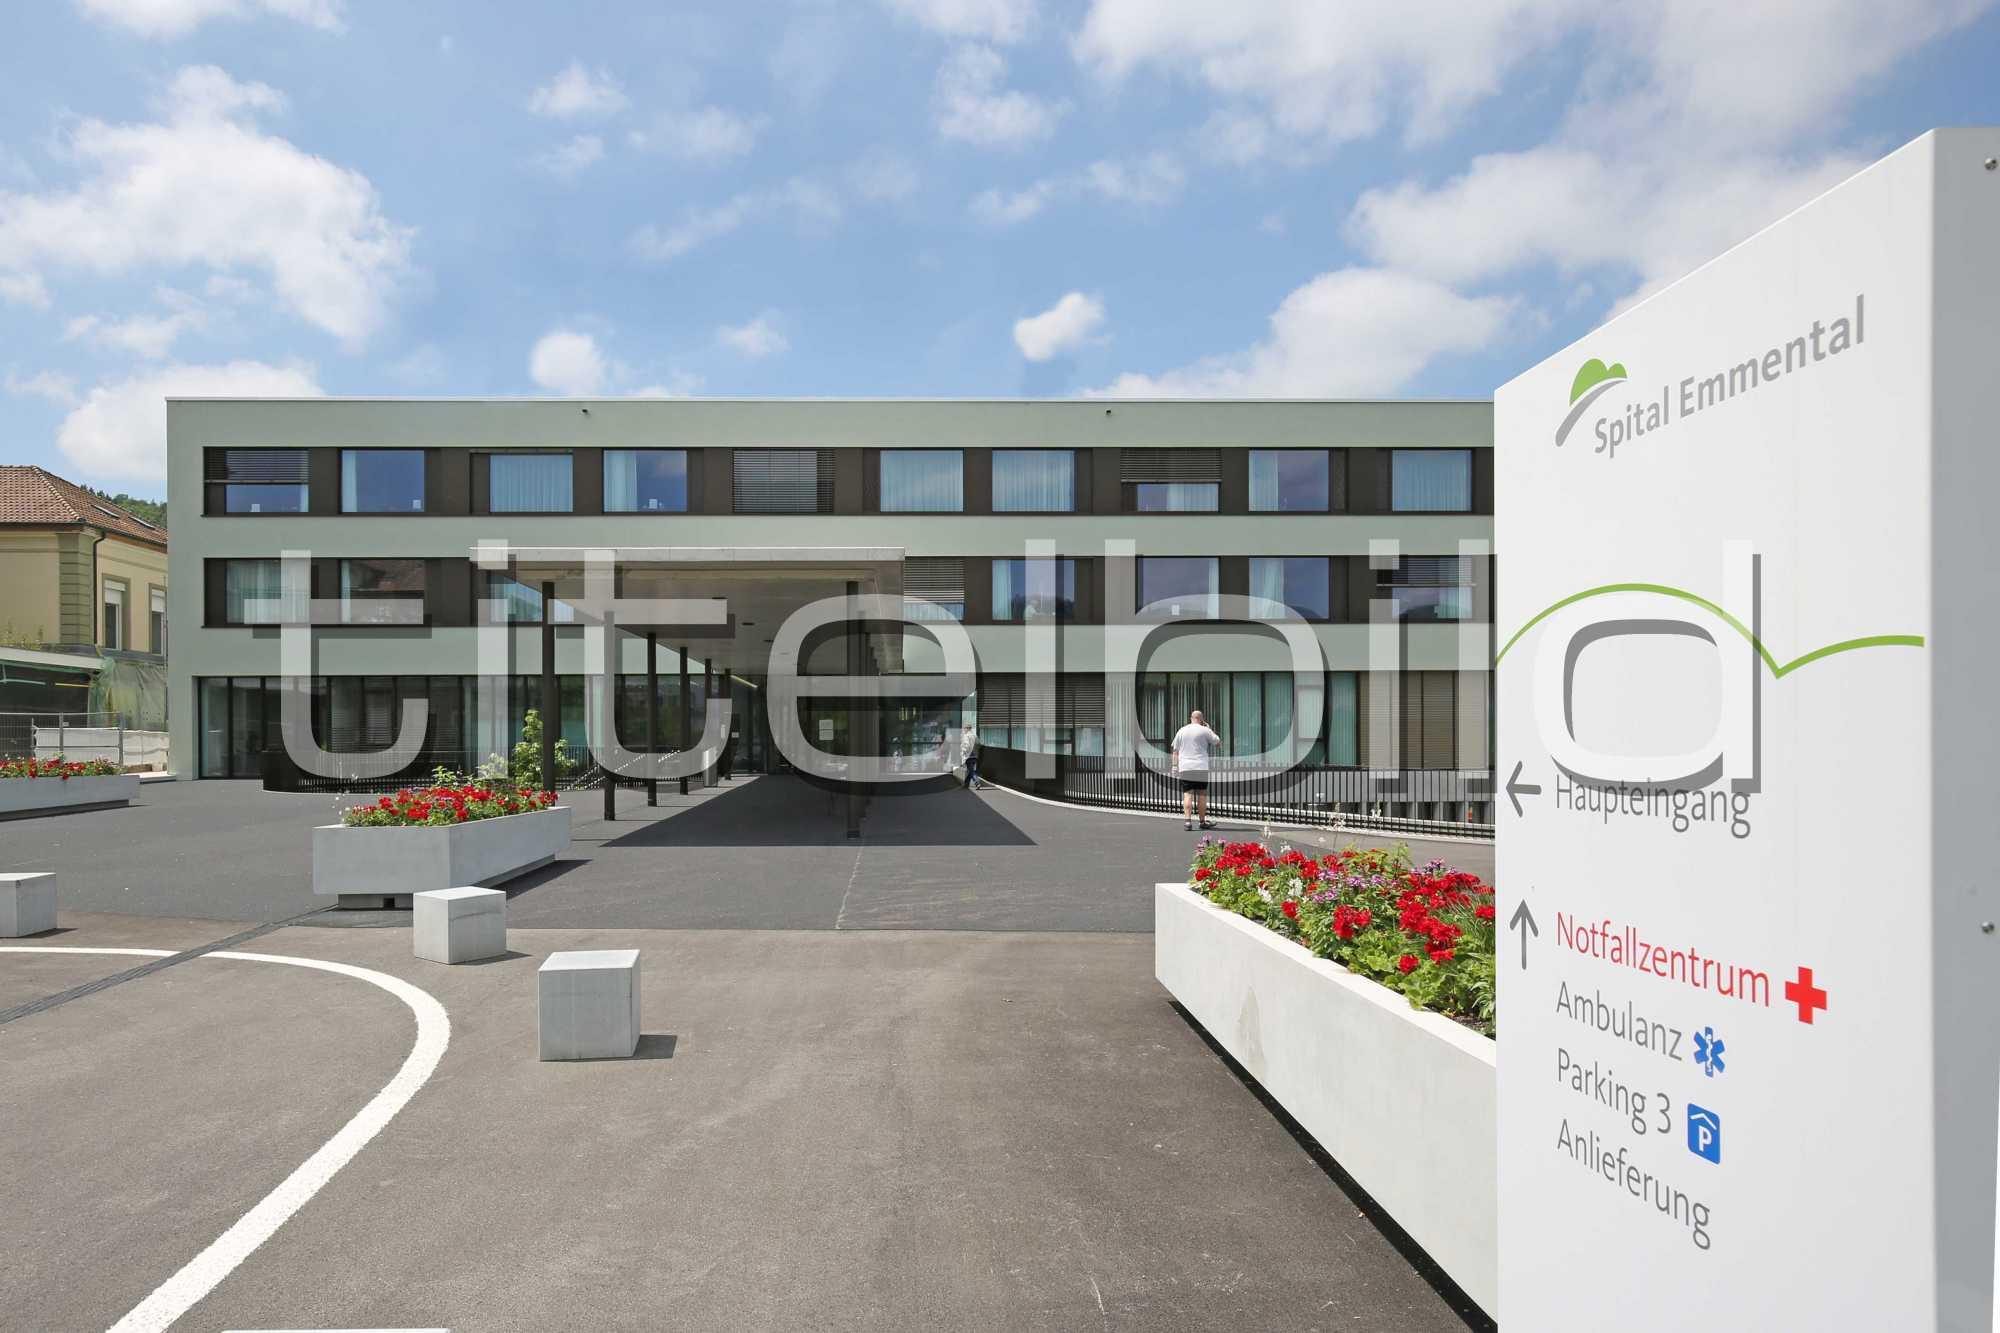 Projektbild-Nr. 0: Regionalspital Emmental, Spital Burgdorf